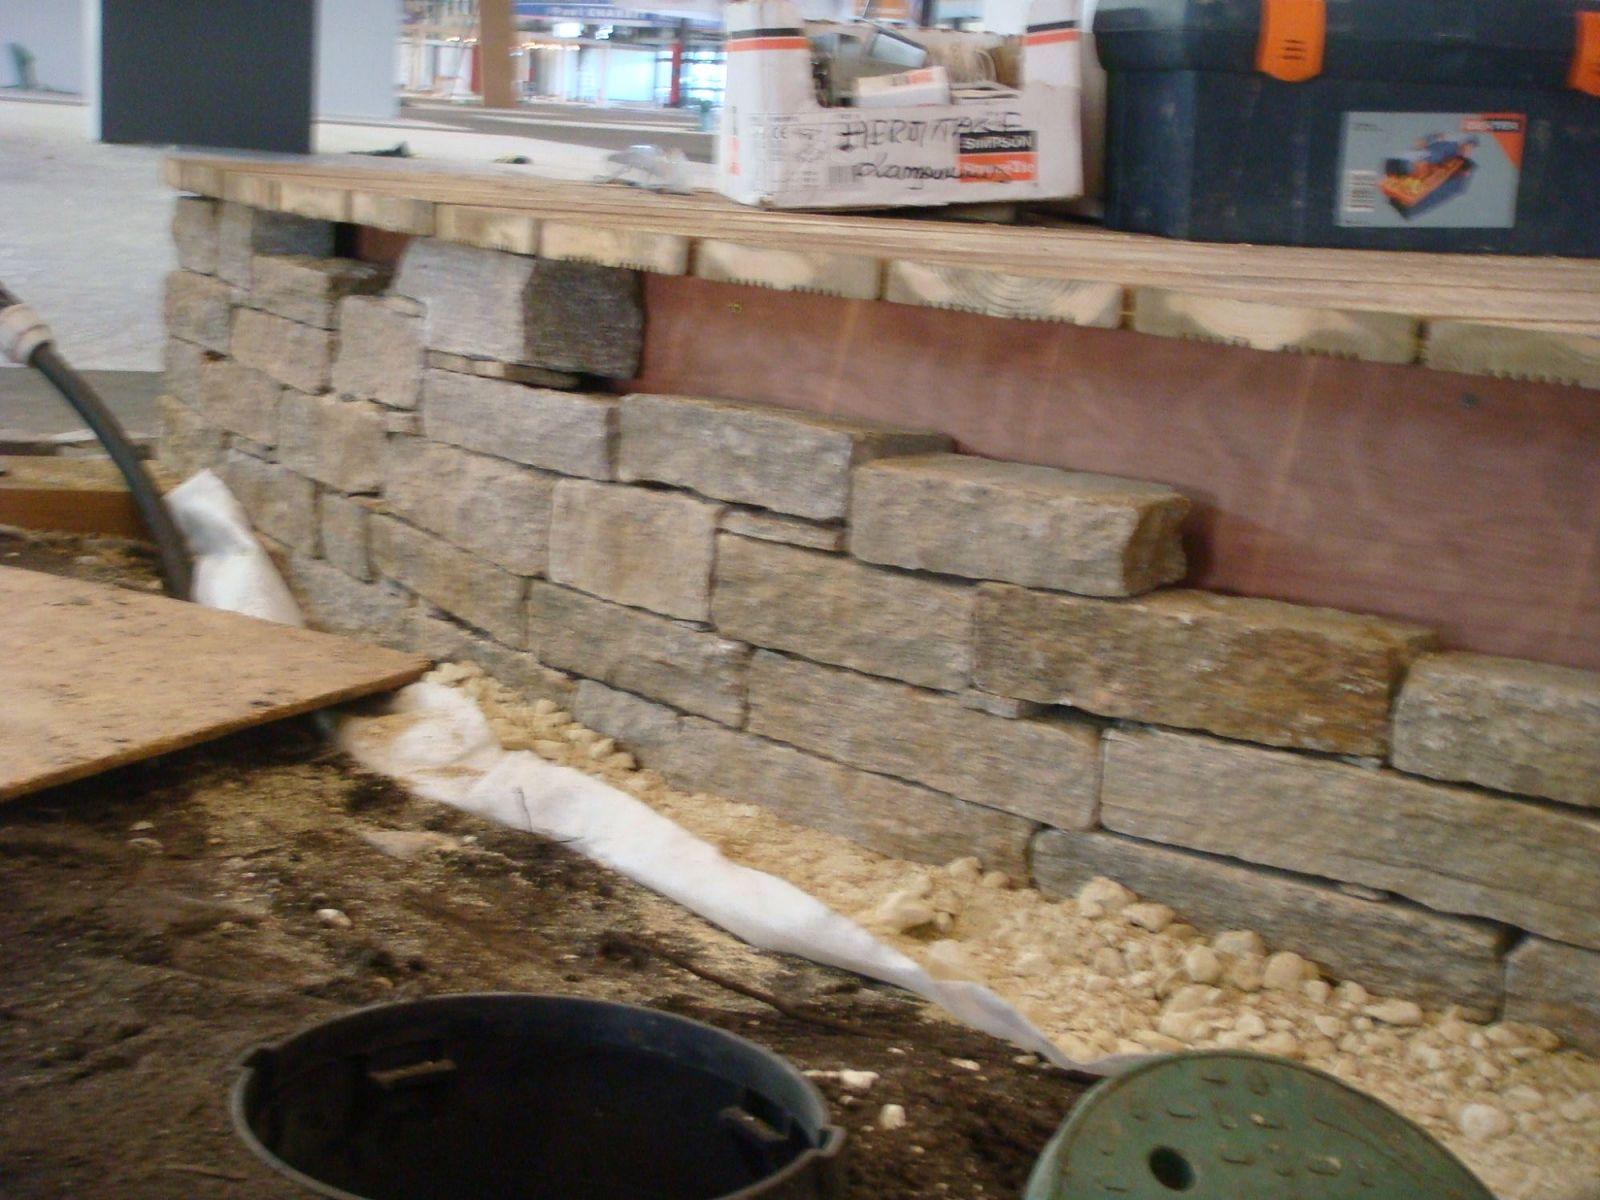 paysagiste pour r alisation de murs en pierres arsac am nagement de jardin par un paysagiste. Black Bedroom Furniture Sets. Home Design Ideas